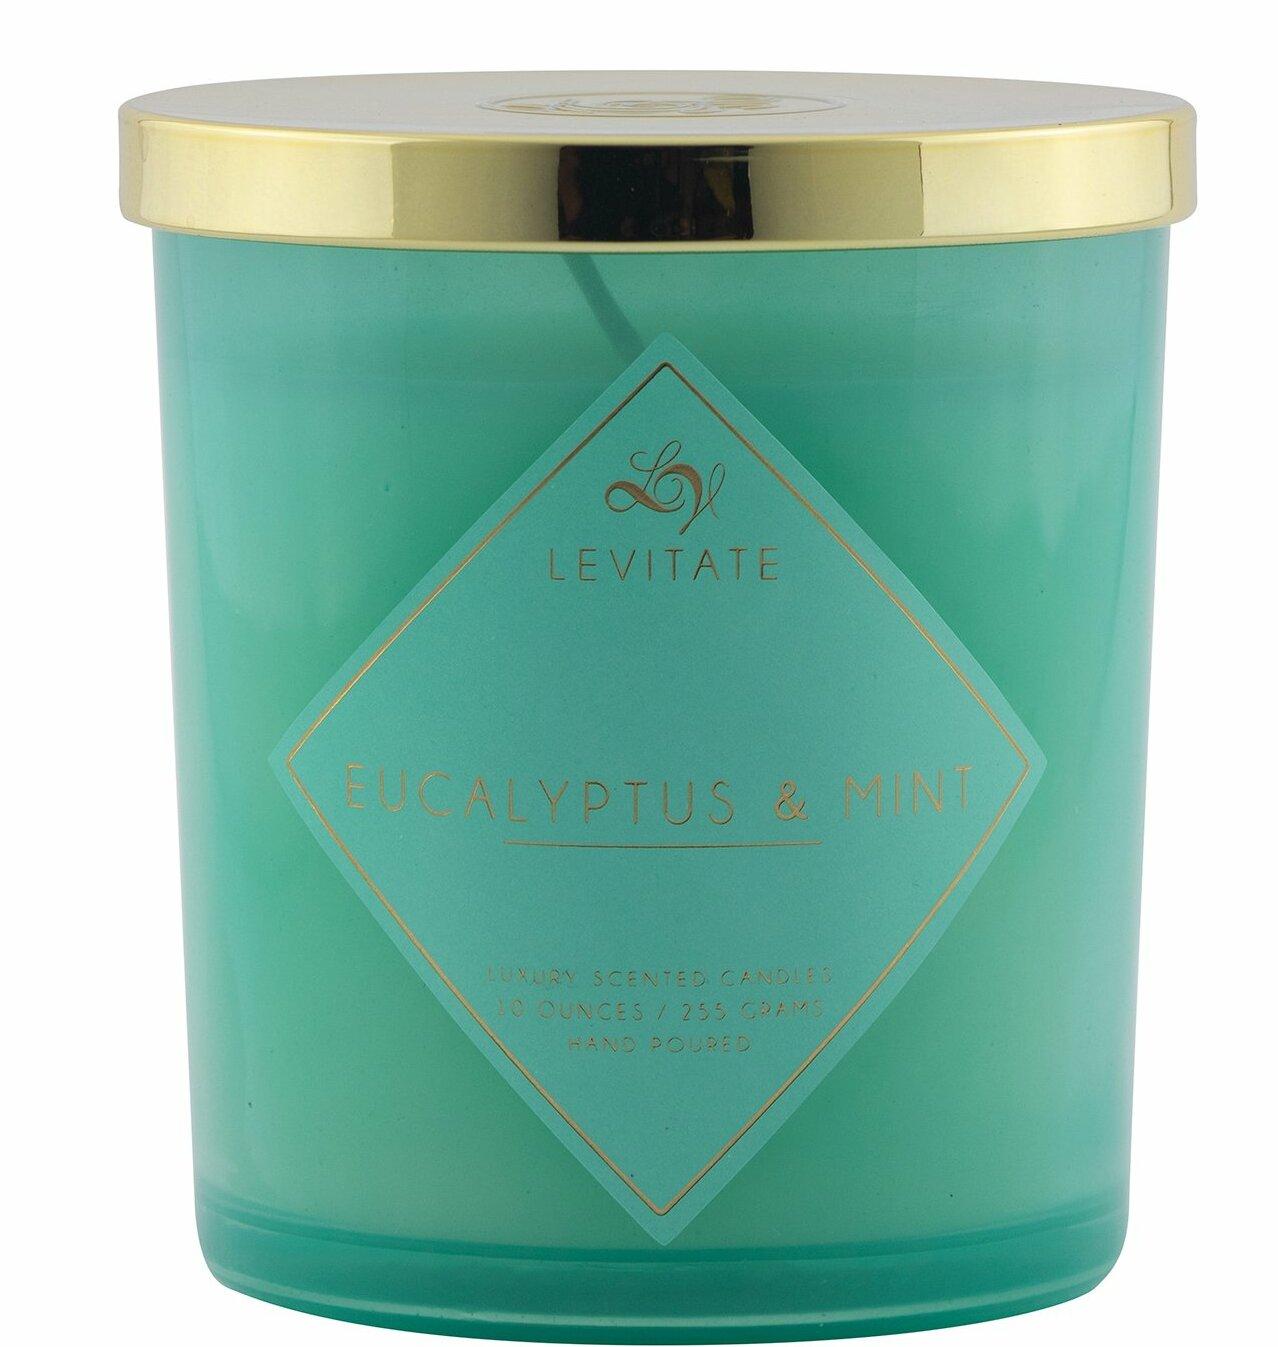 Levitatecandles Eucalyptus And Mint Scented Jar Candle Reviews Wayfair